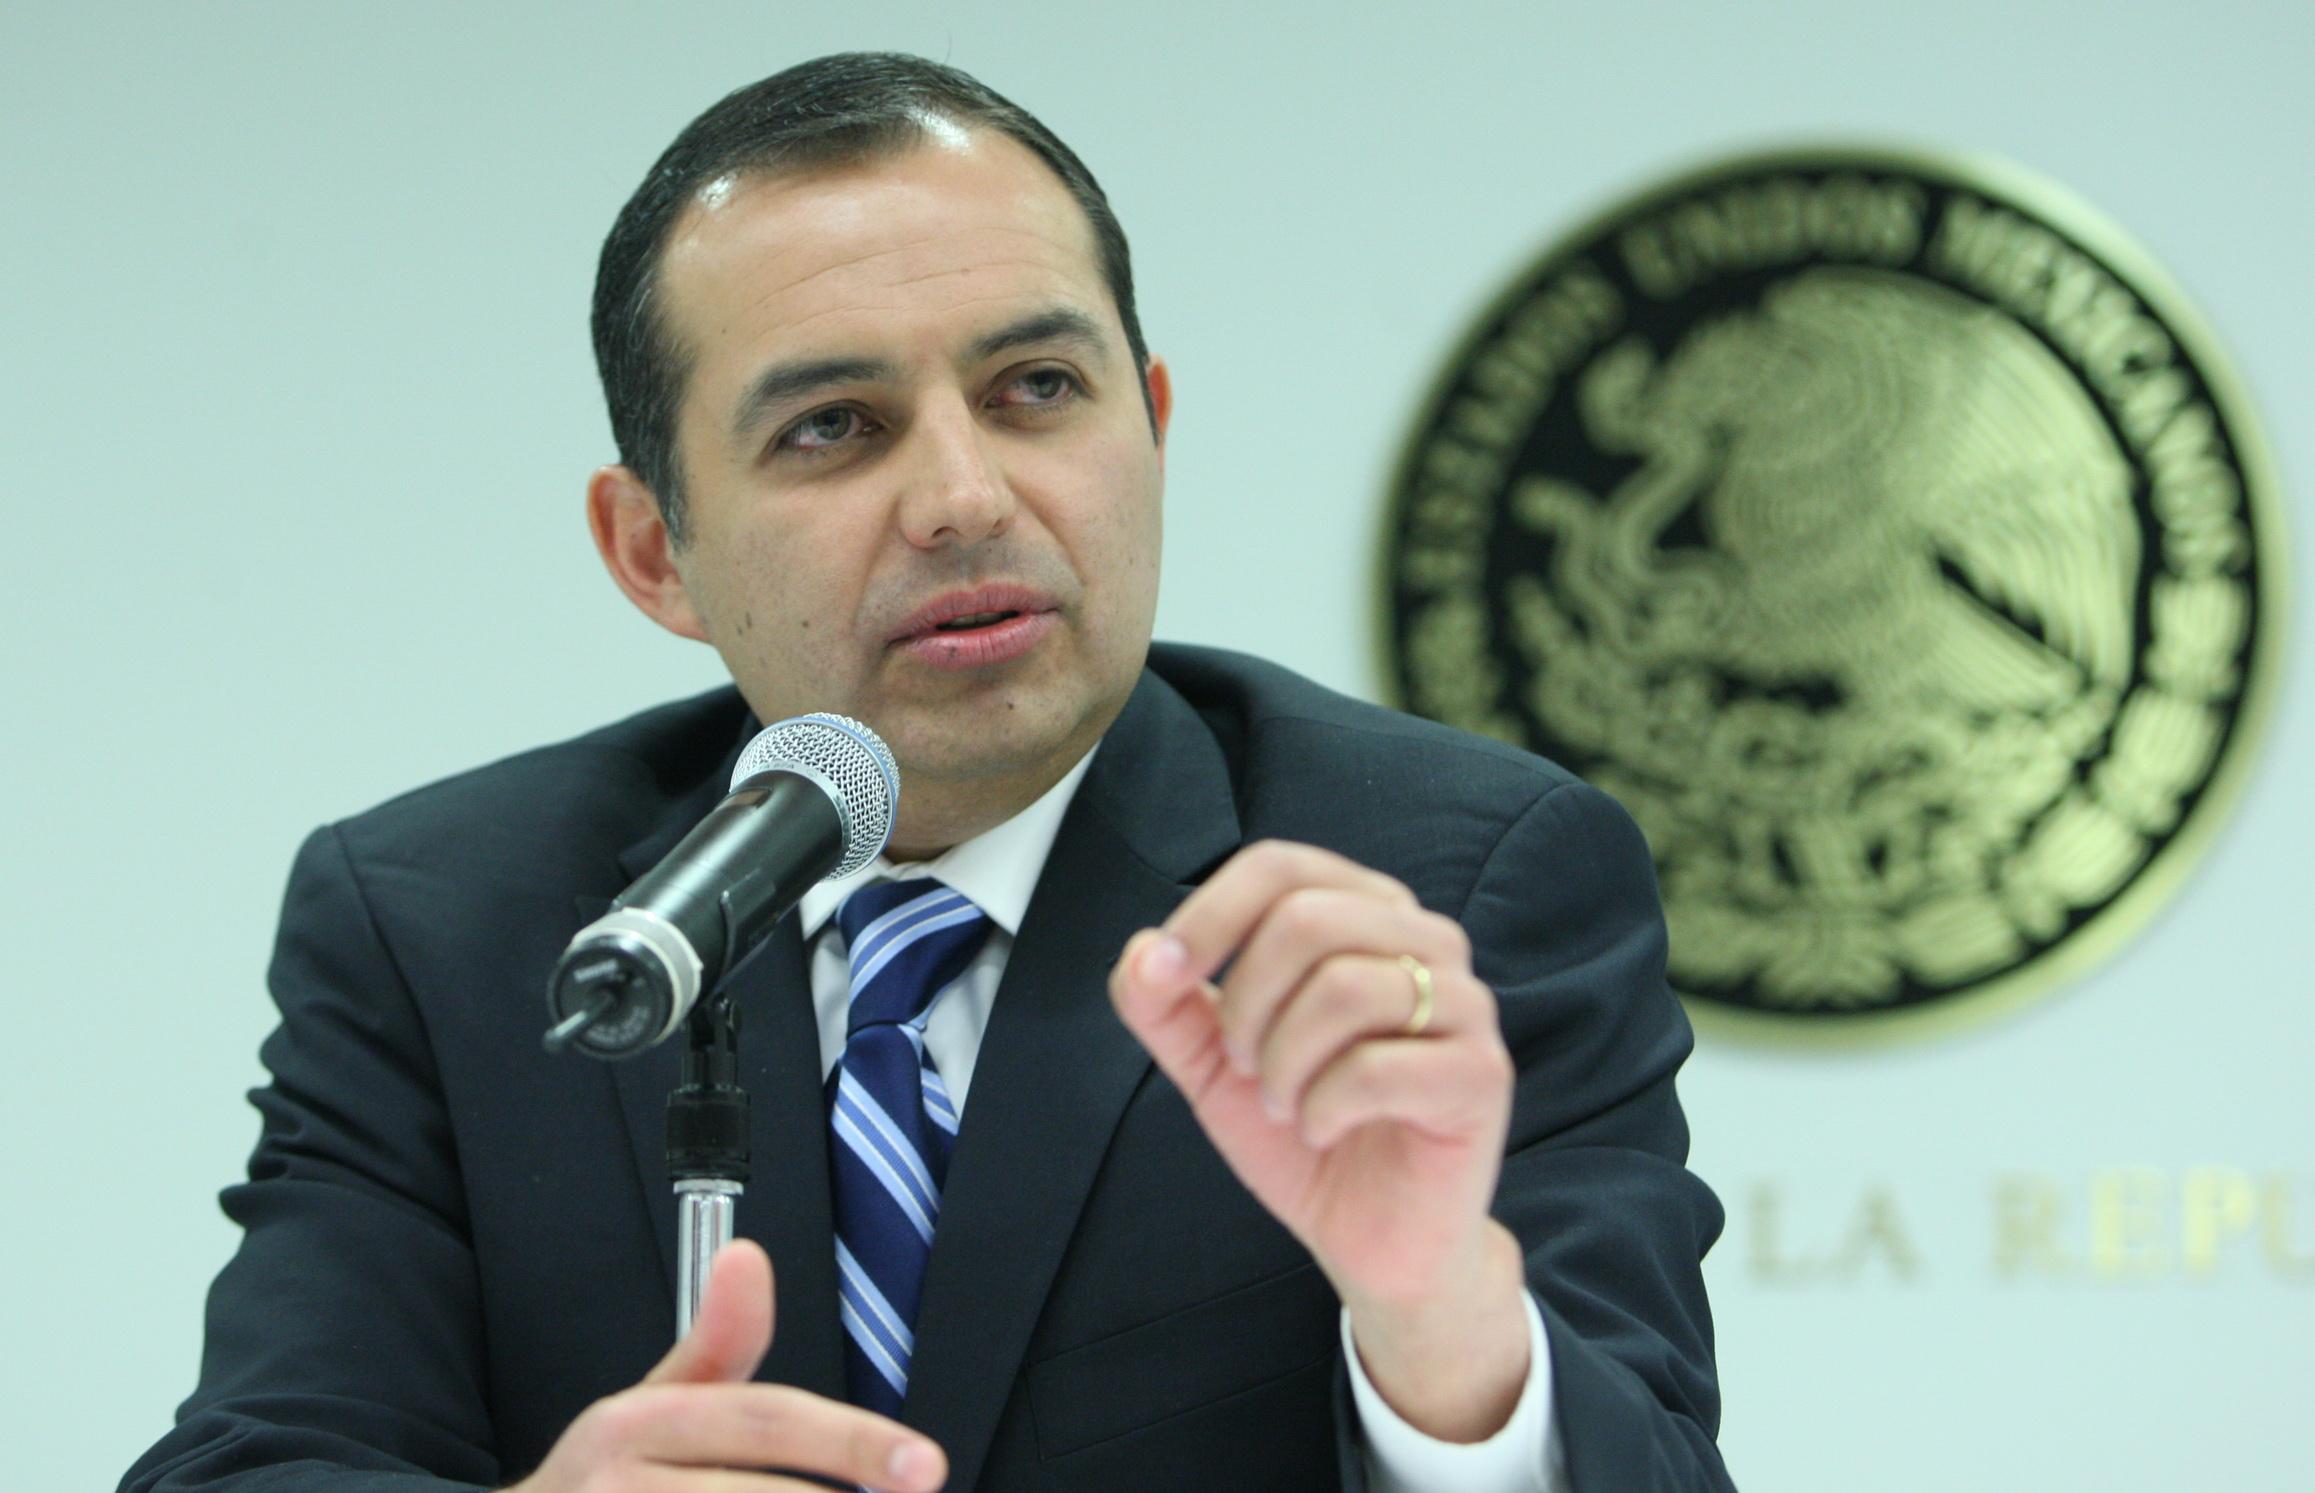 Senado llamará al ex fiscal  Santiago Nieto y a Alberto Elías